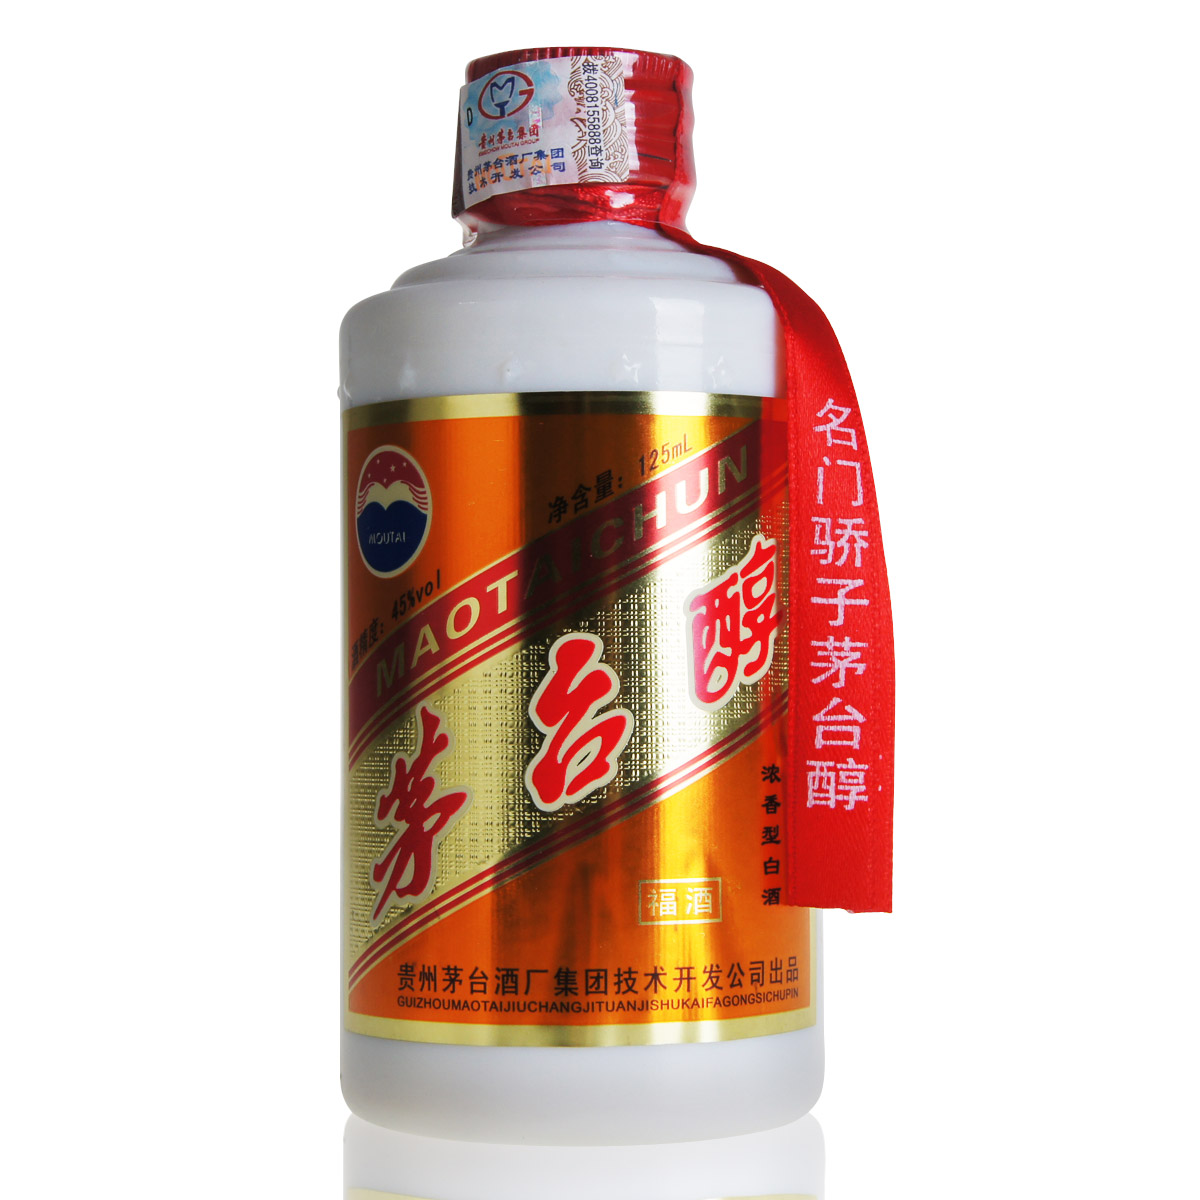 【购酒网】秒杀特价白酒 名酒茅台45度茅台醇酒水 小酒版 125ml